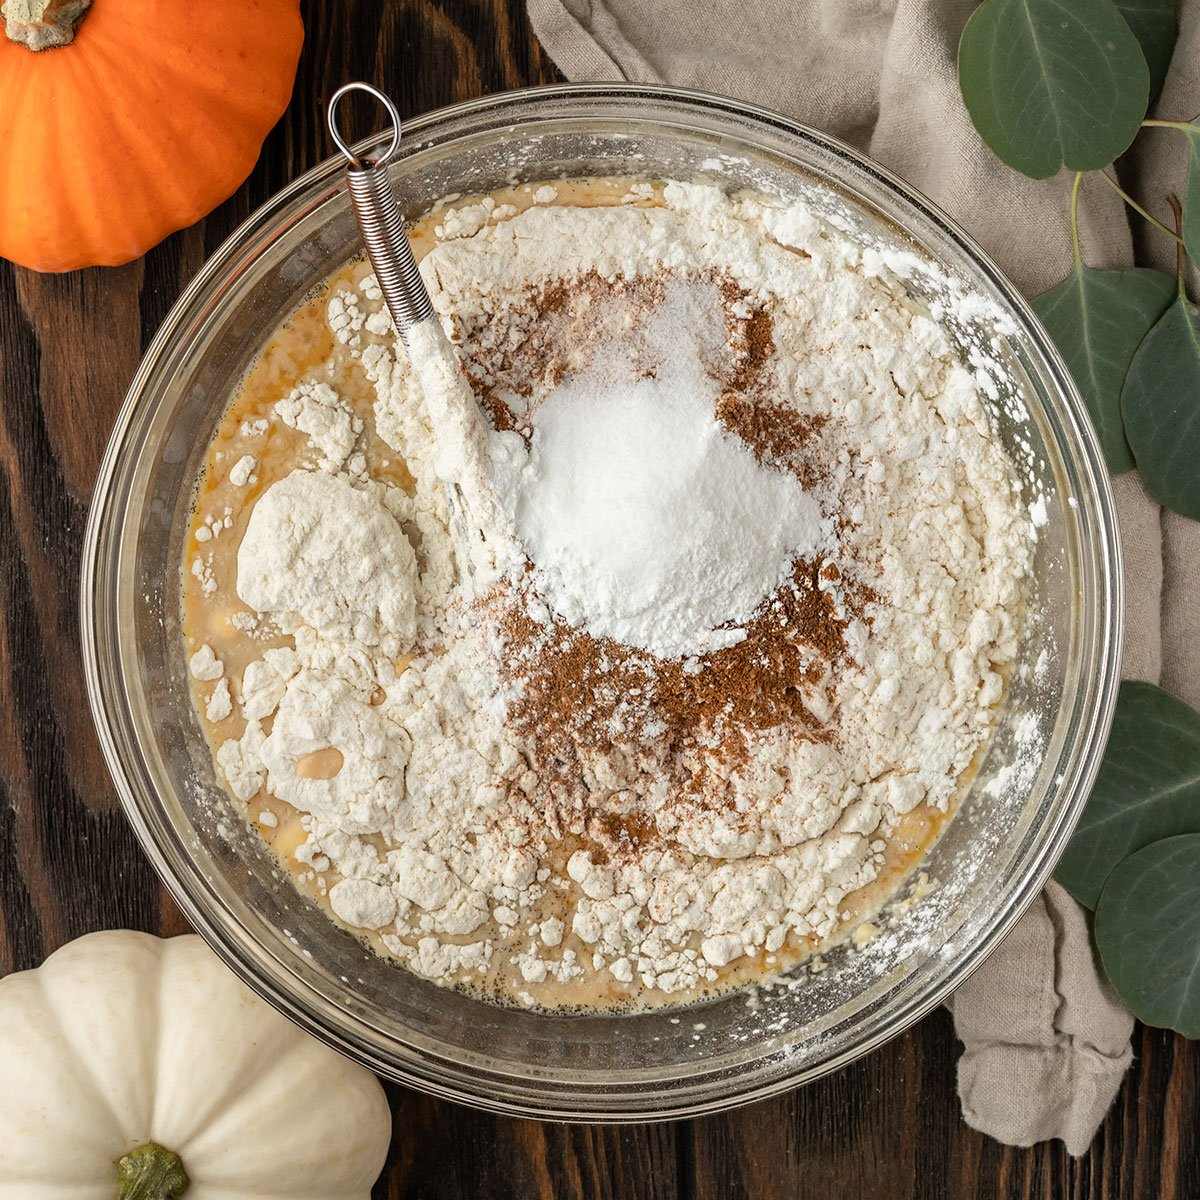 dry ingredients getting added to bowl to make pumpkin pancake batter